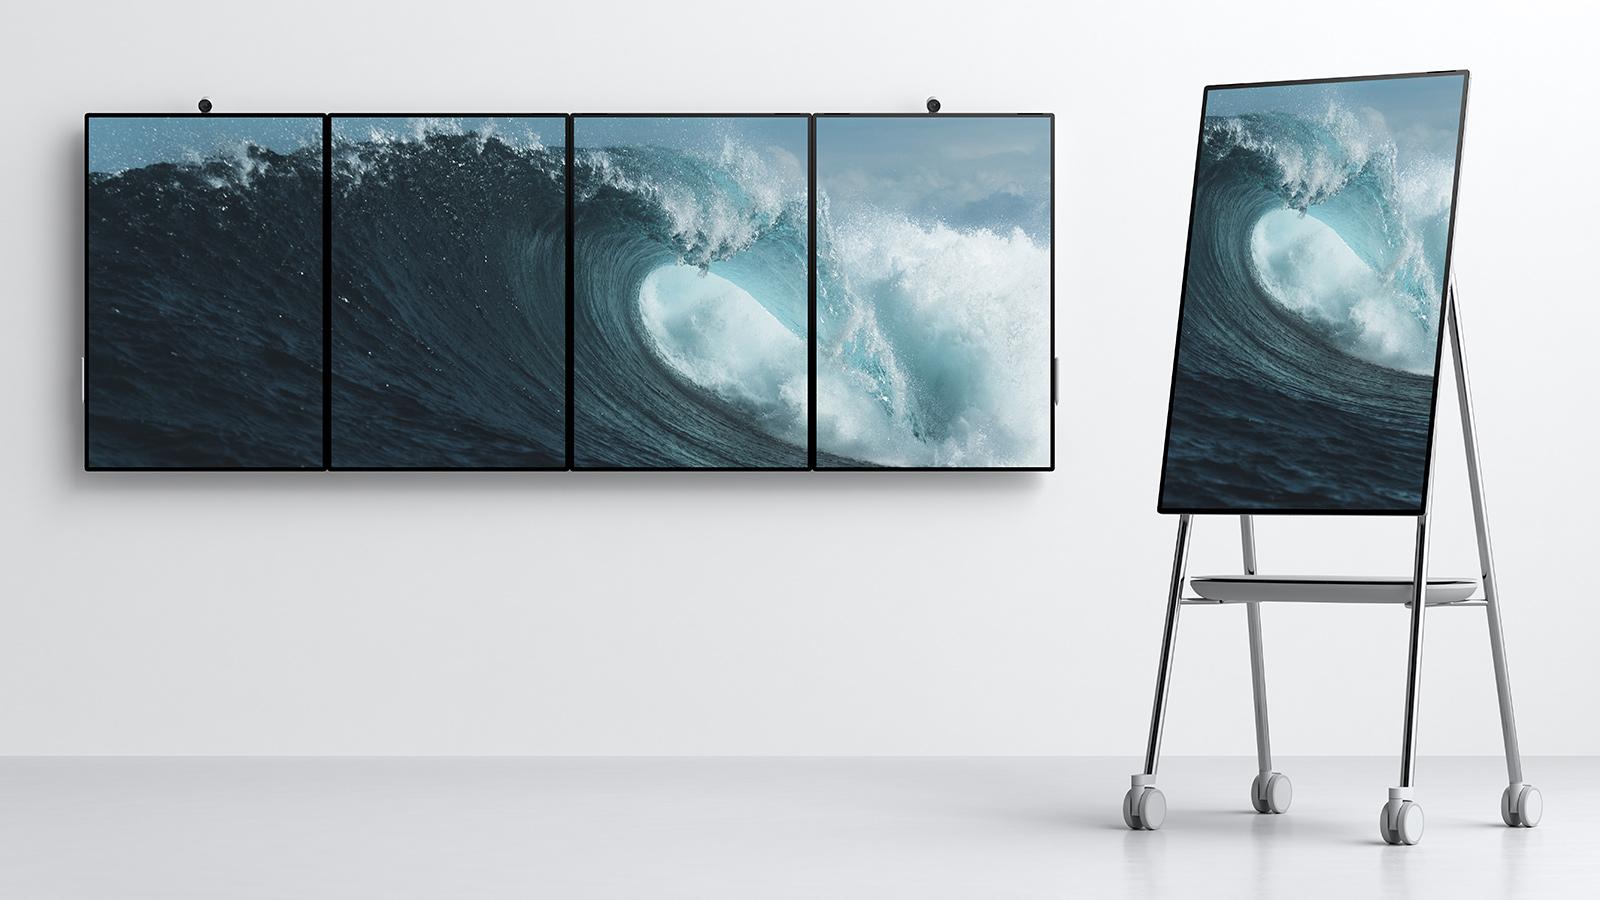 Quatre SurfaceHub2 joints sur un mur en orientation portrait, et un SurfaceHub2 en orientation portrait sur un support conçu par Steelcase